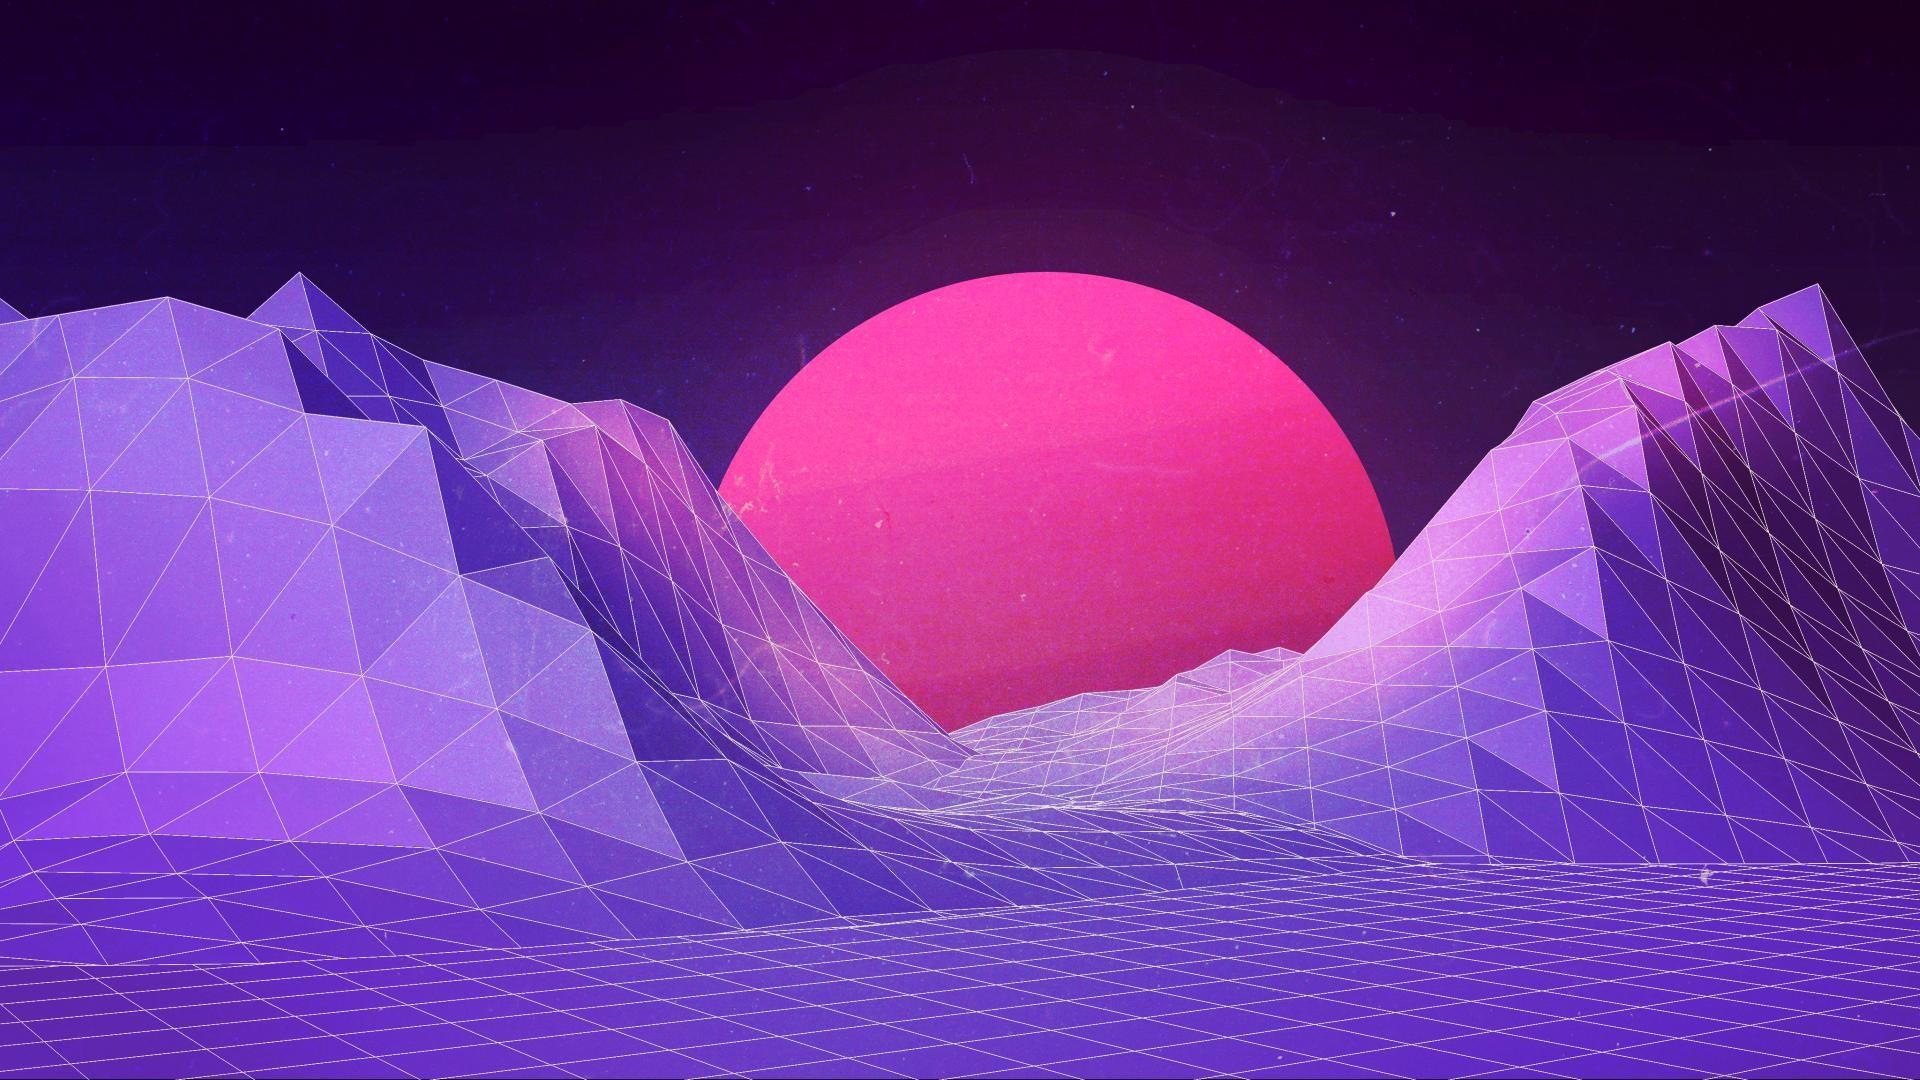 デスクトップ壁紙 ネオン 紫の 青 氷 新しいレトロウェーブ